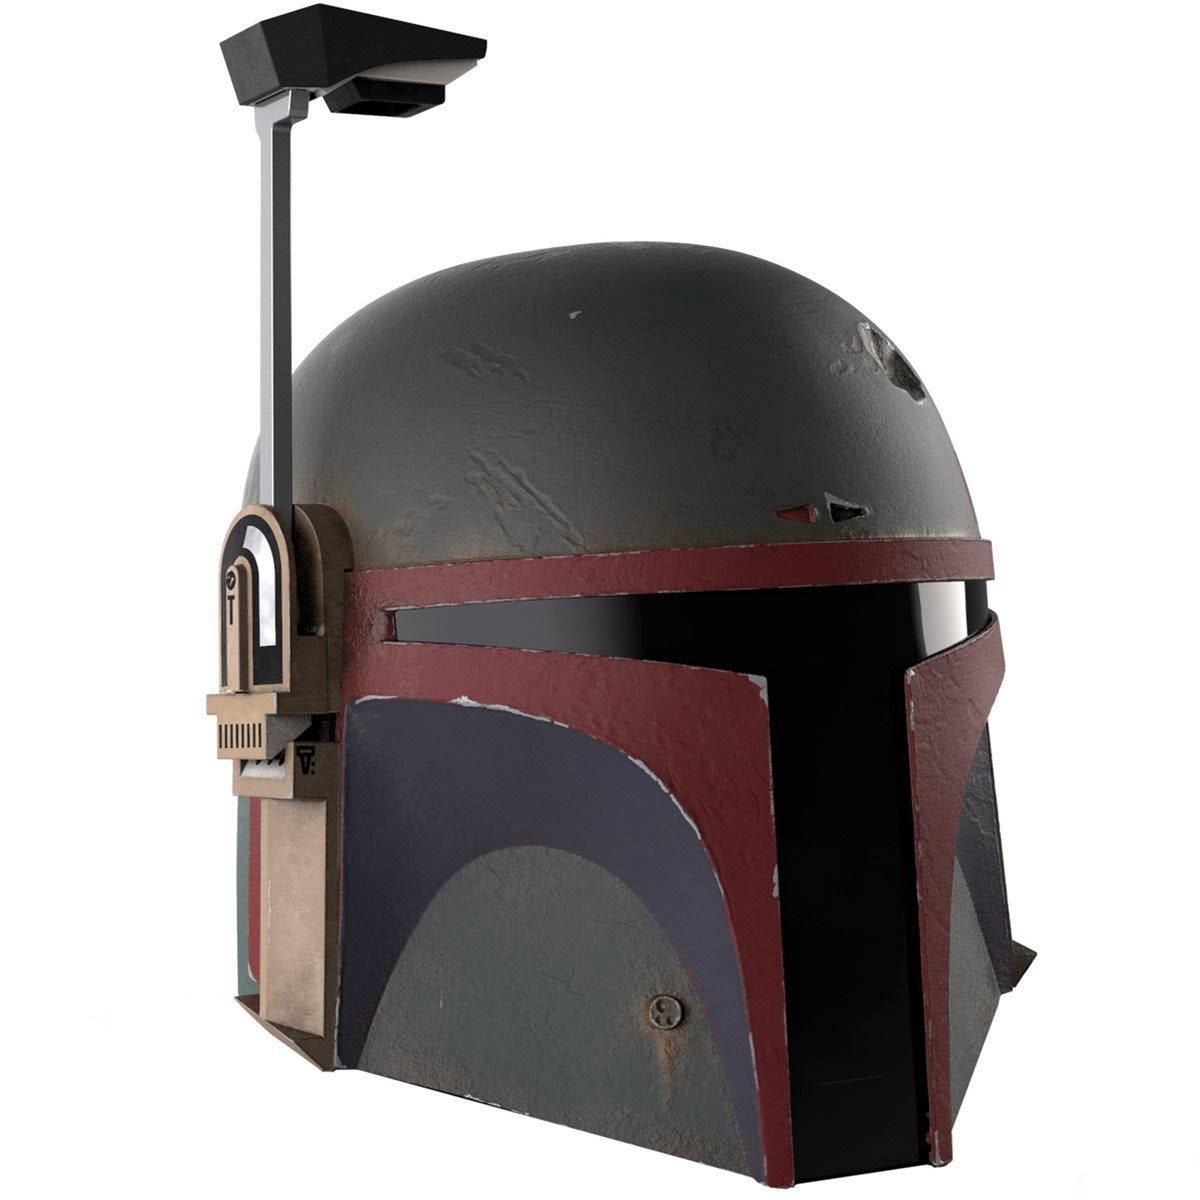 Star Wars The Black Series - Boba Fett Helment Prop Replica